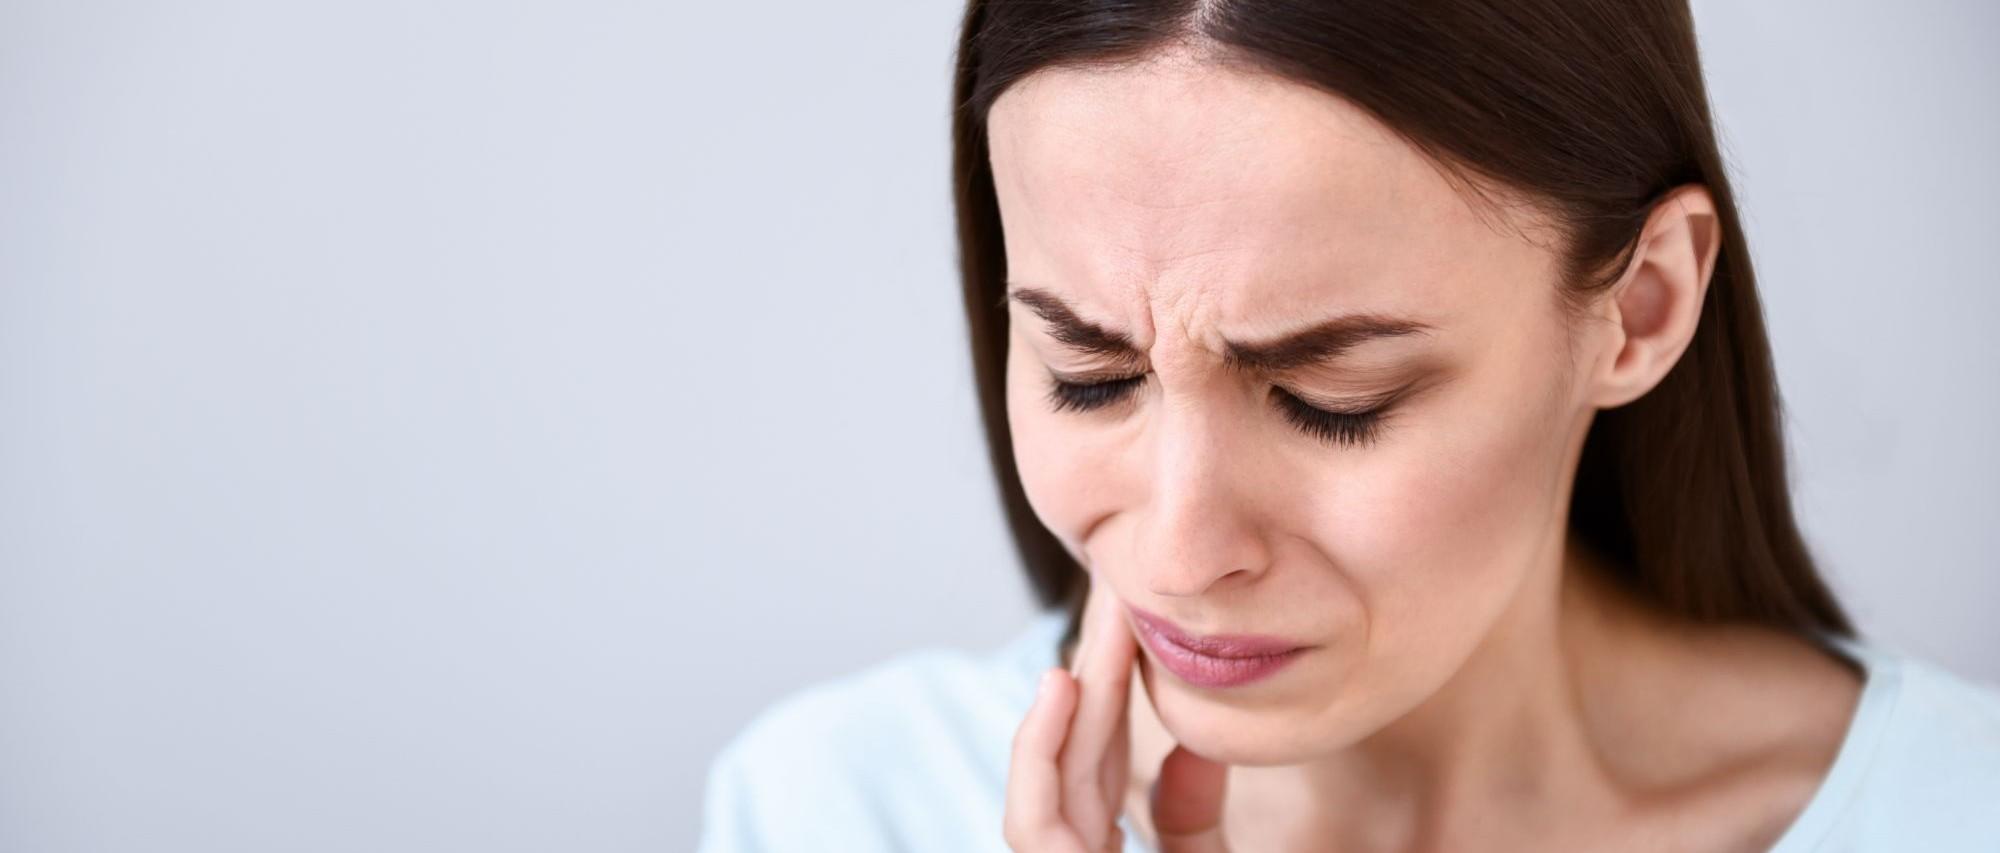 tmj-dentist-oral-surgeon